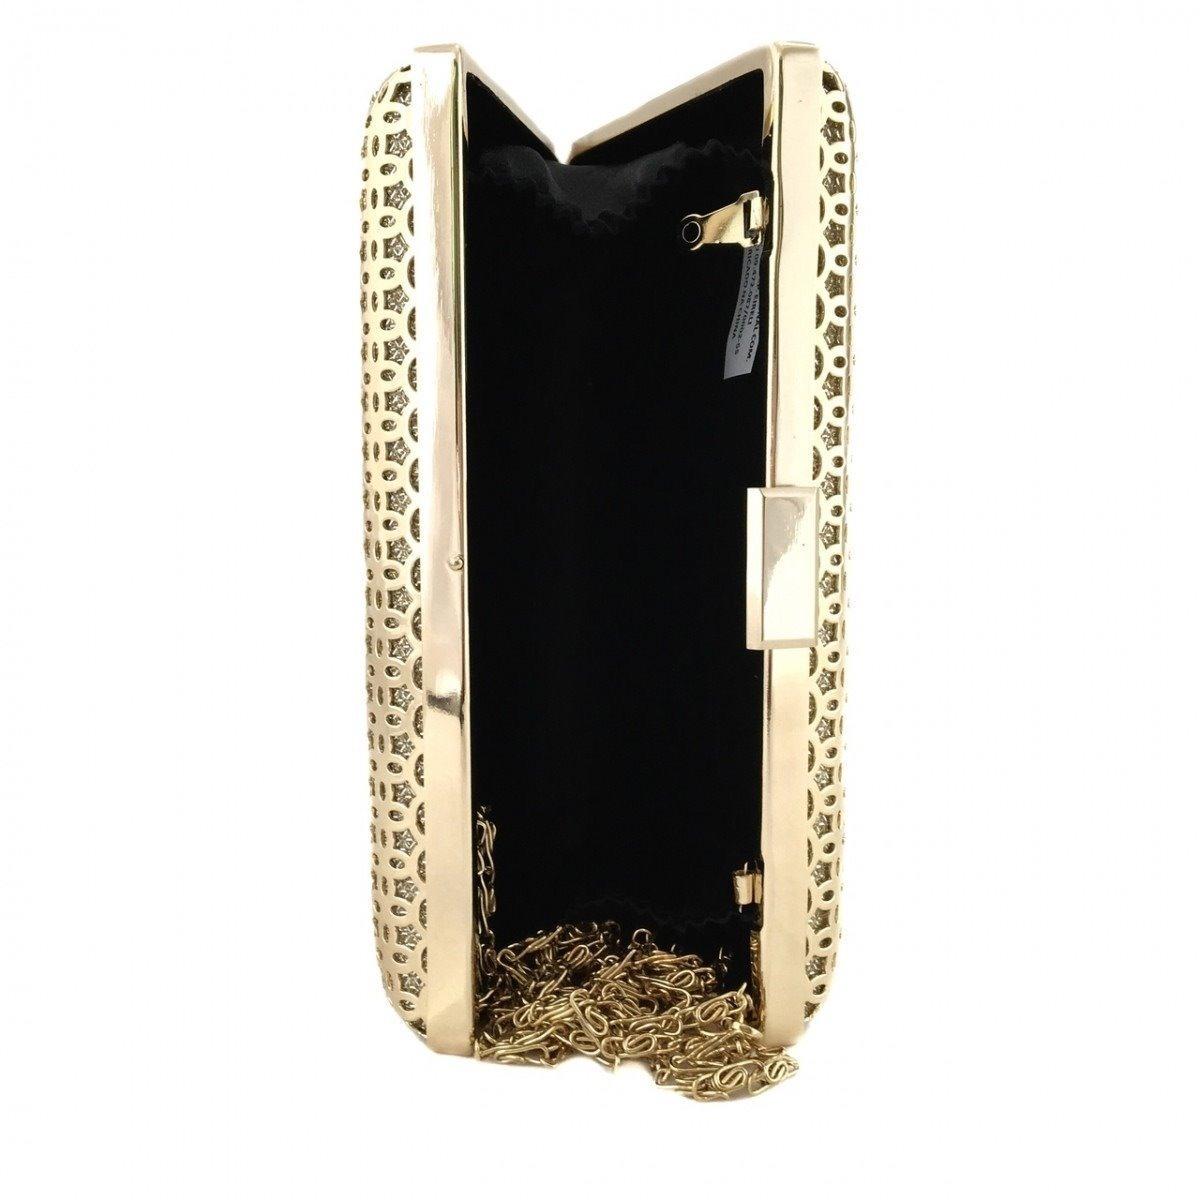 e82dcad659 bolsa clutch dourada metal luxo festa moderna. Carregando zoom.